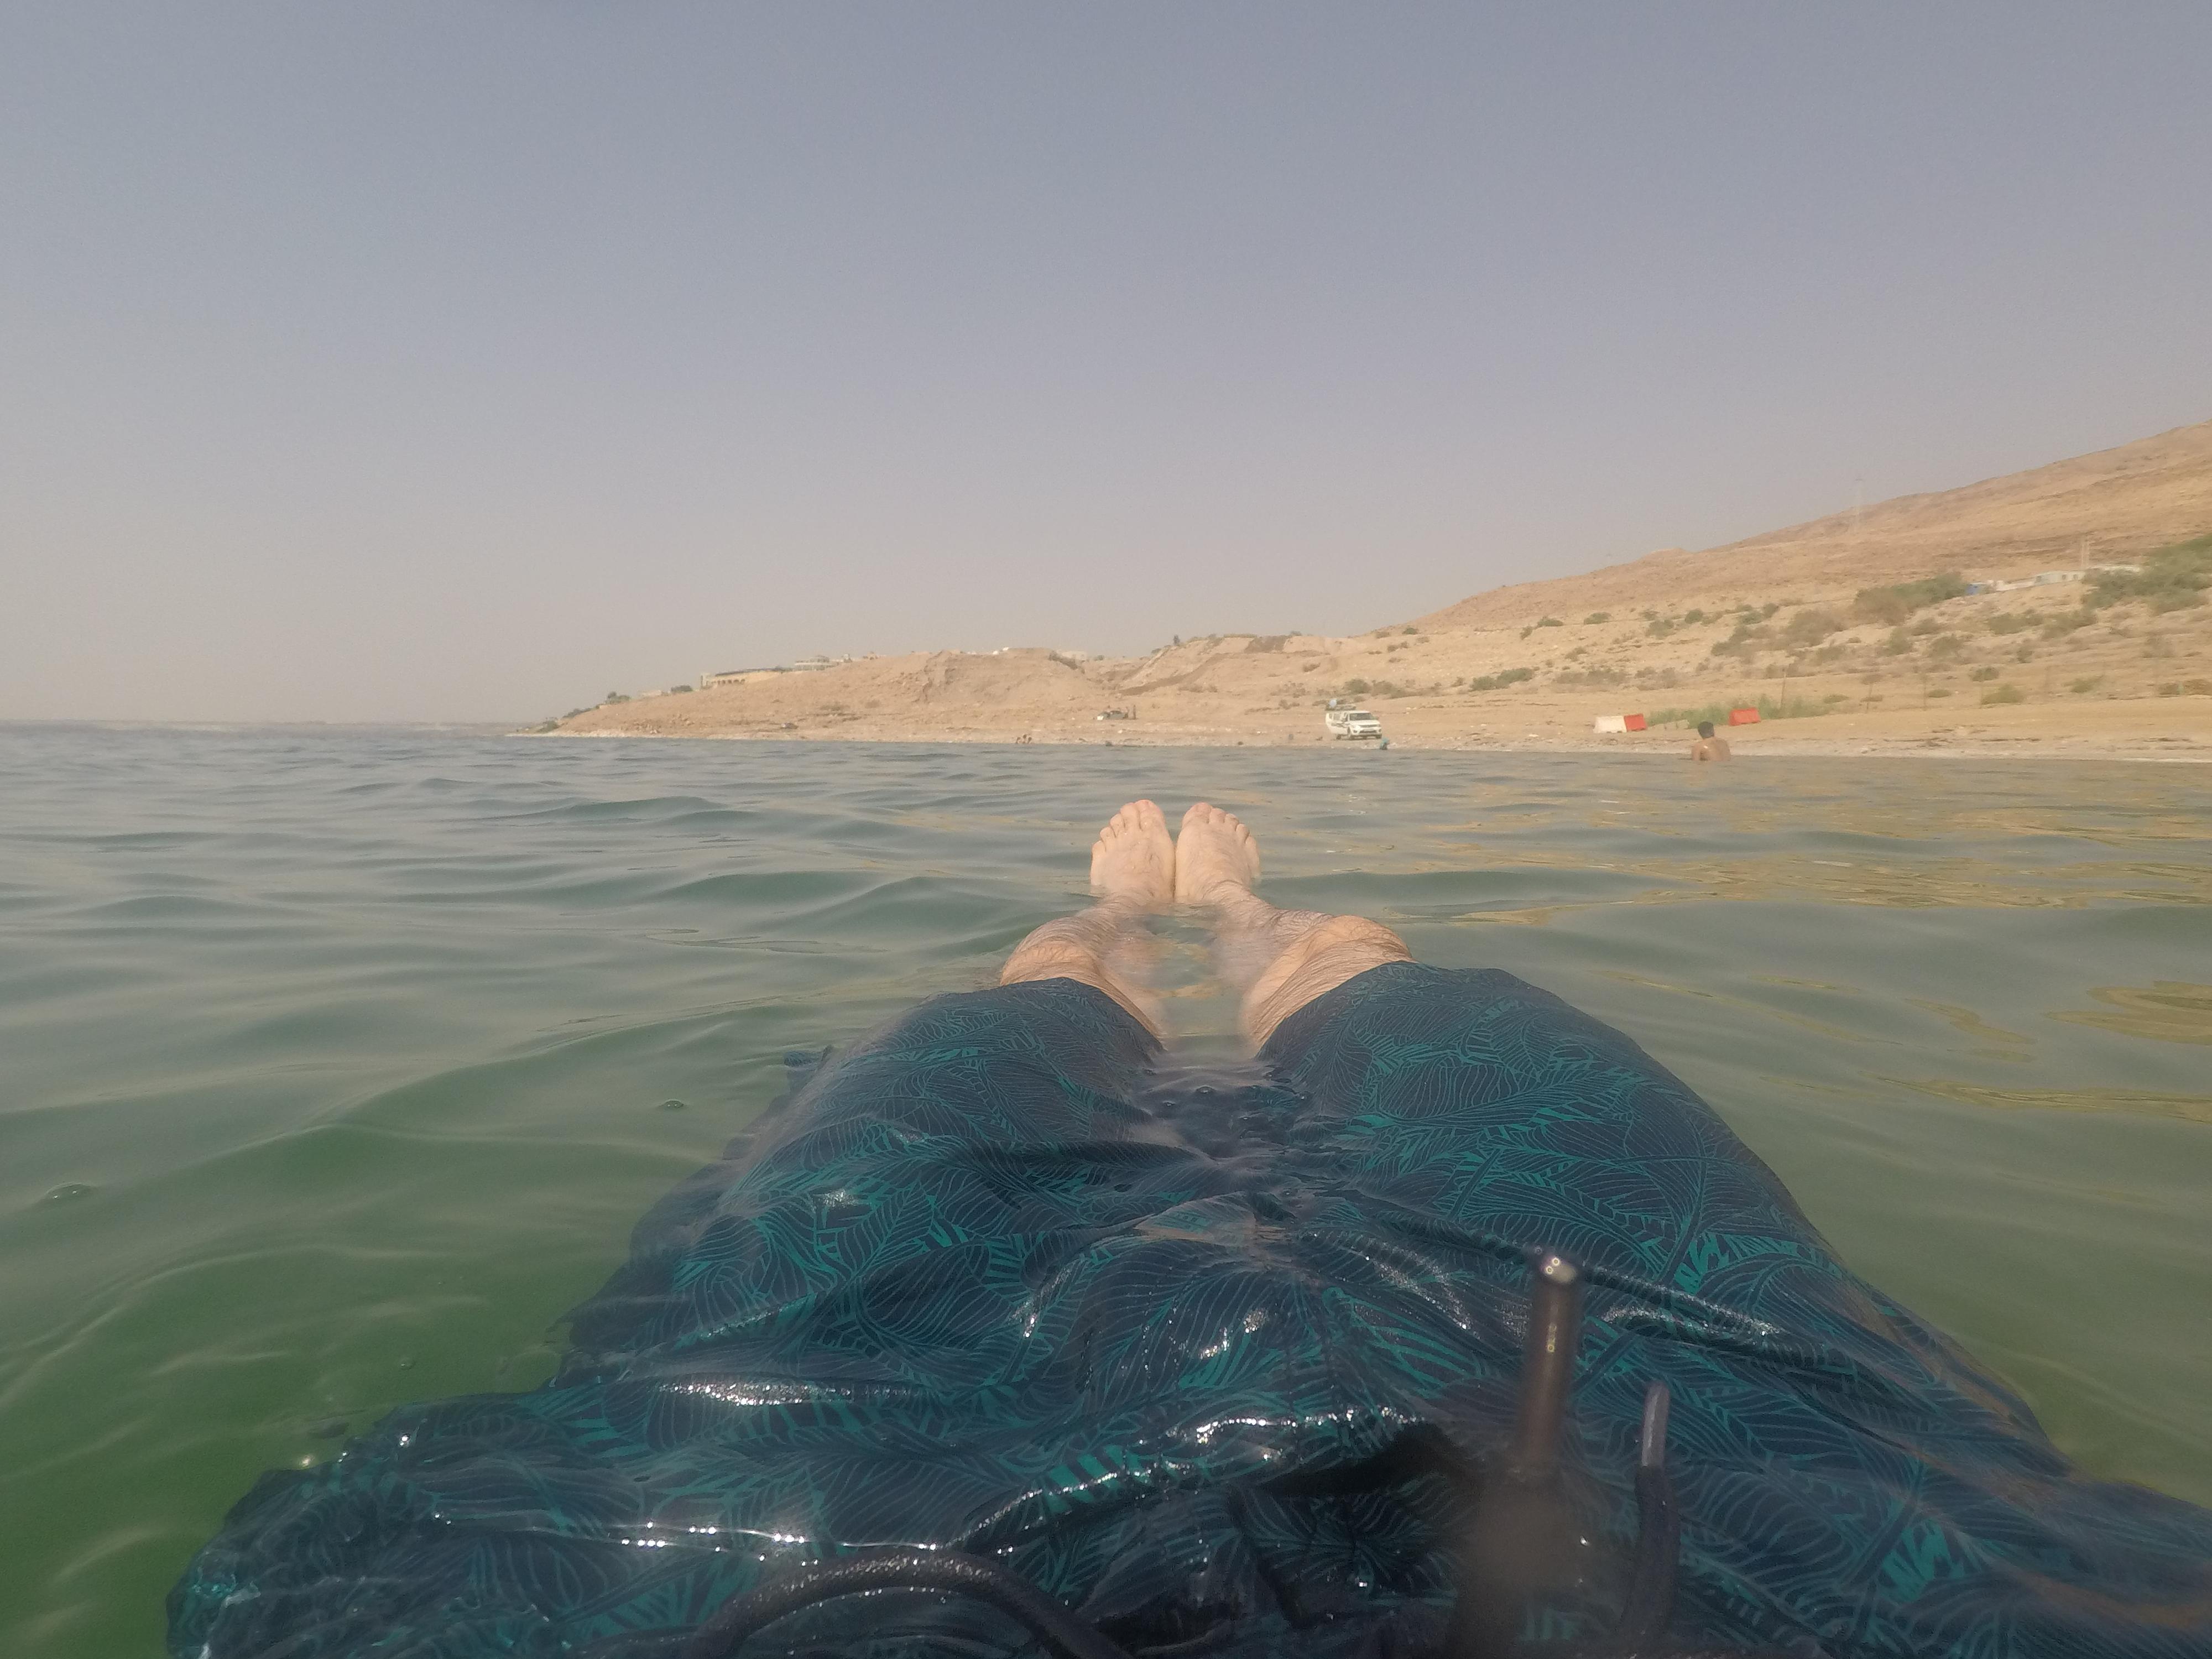 Comment aller à la mer morte depuis Amman?